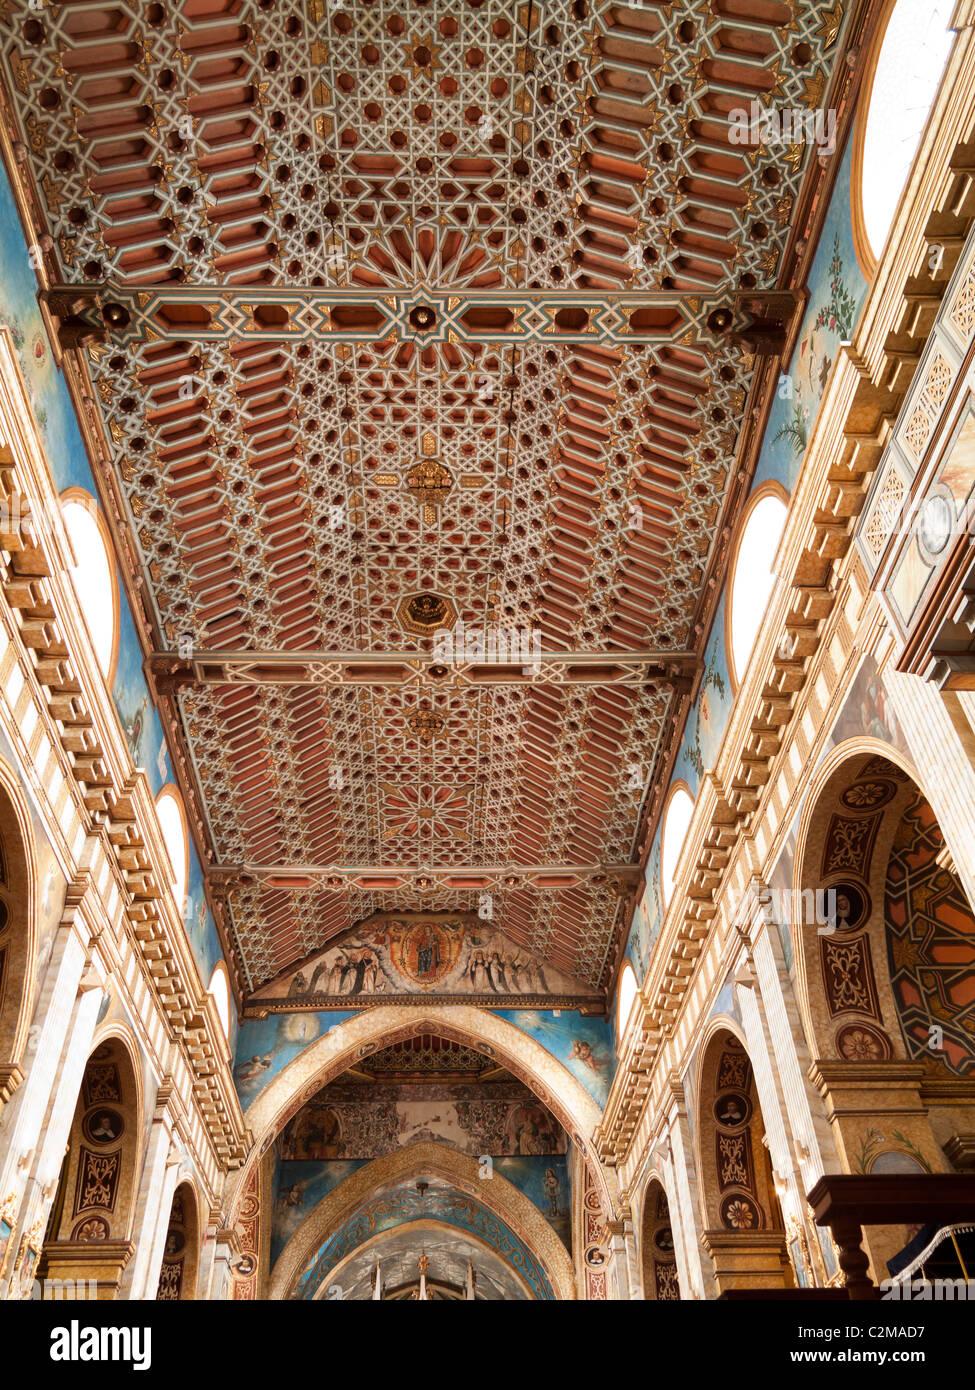 Toit de style mudéjar de l'église de Santo Domingo, Quito, Équateur Photo Stock